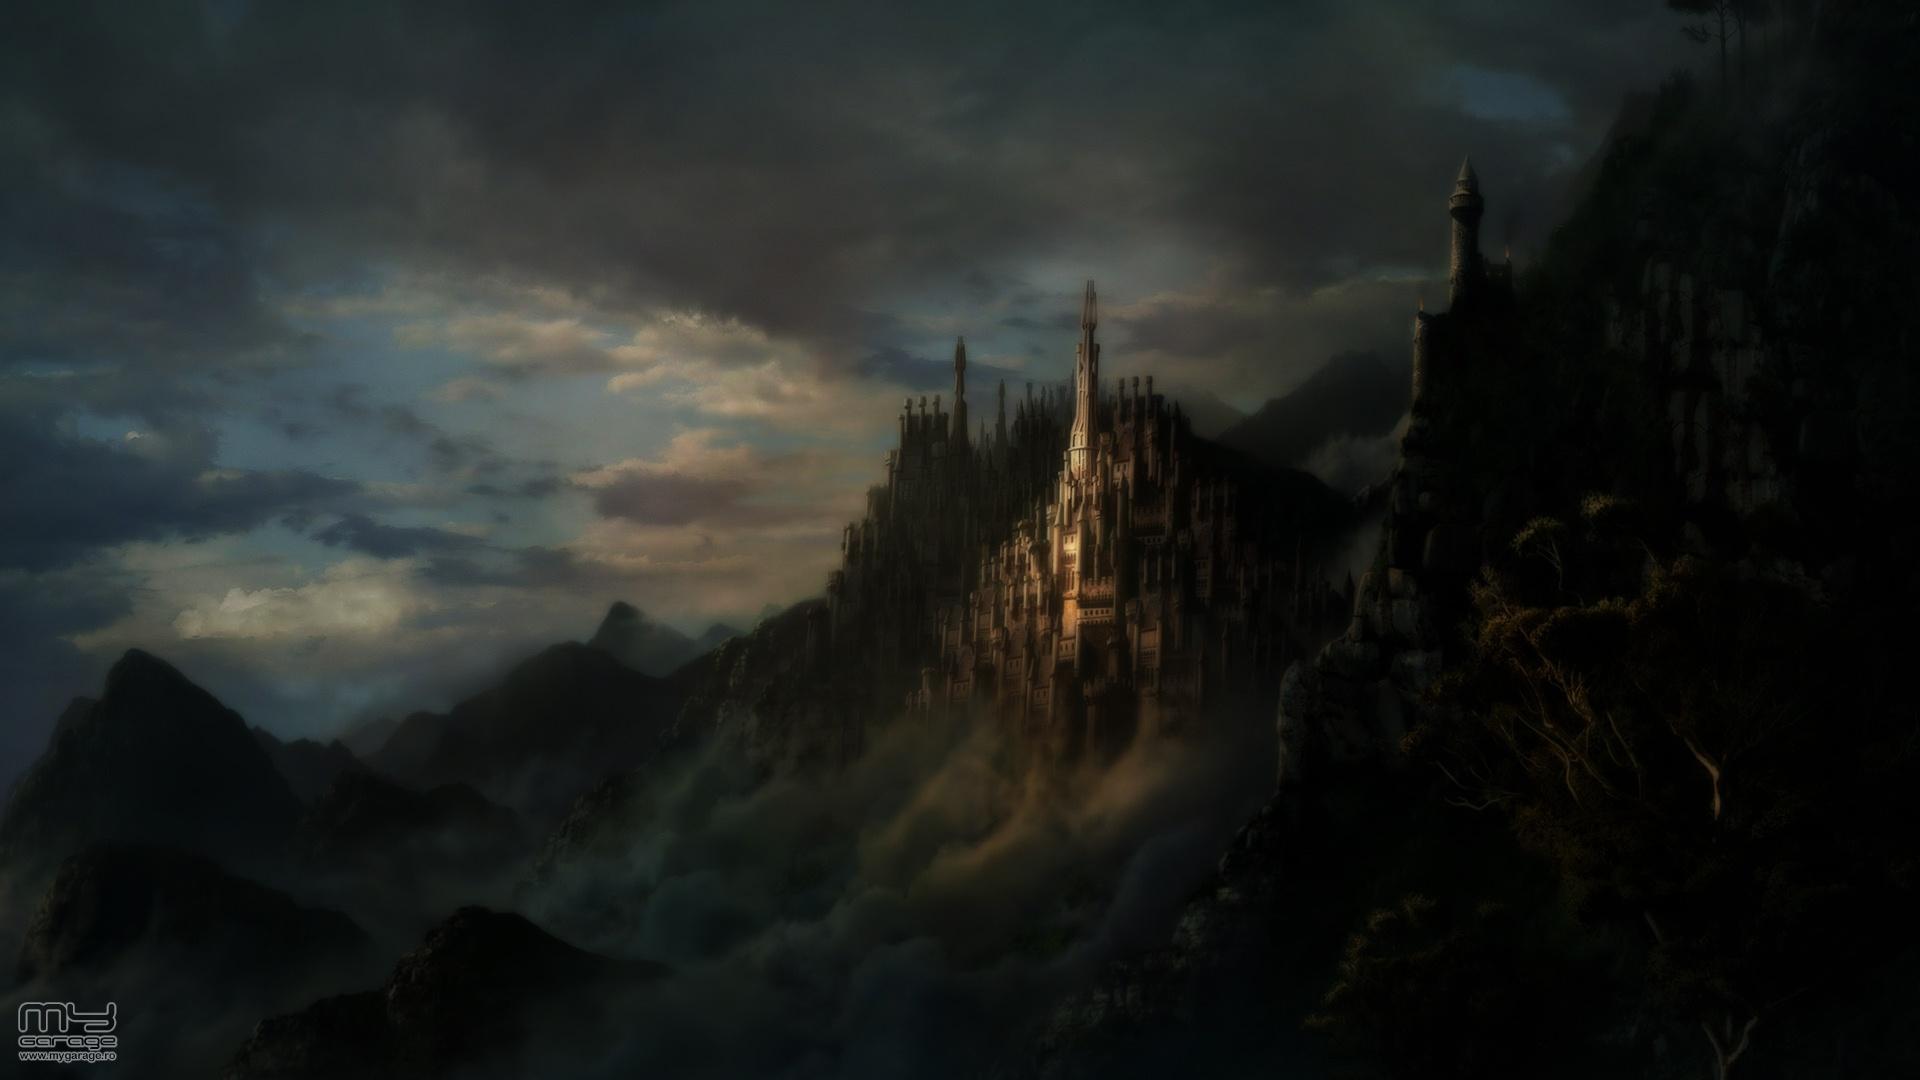 Wallpaper for My Desktop Castles - WallpaperSafari